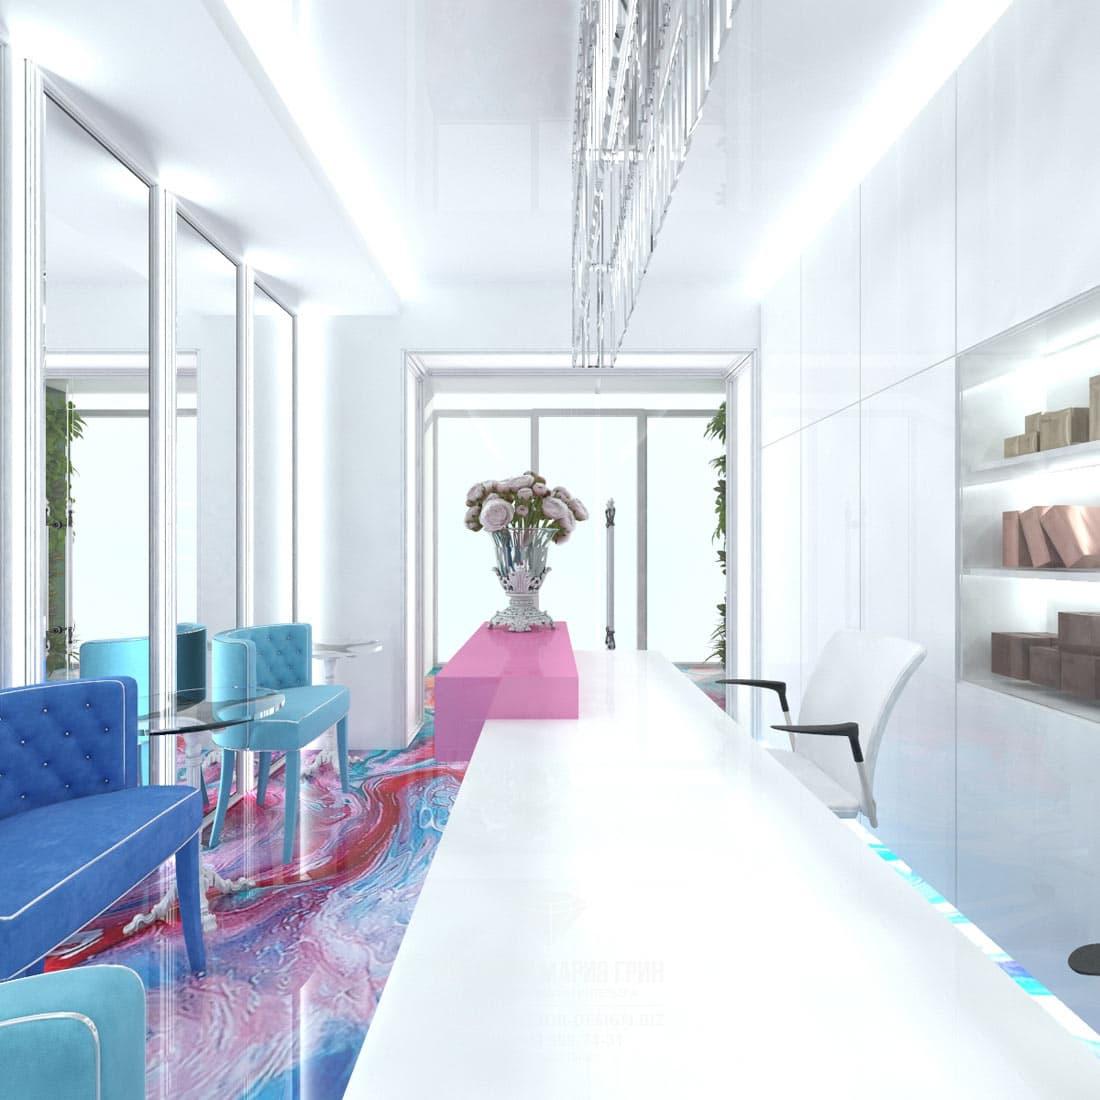 Дизайн интерьера современного салона красоты